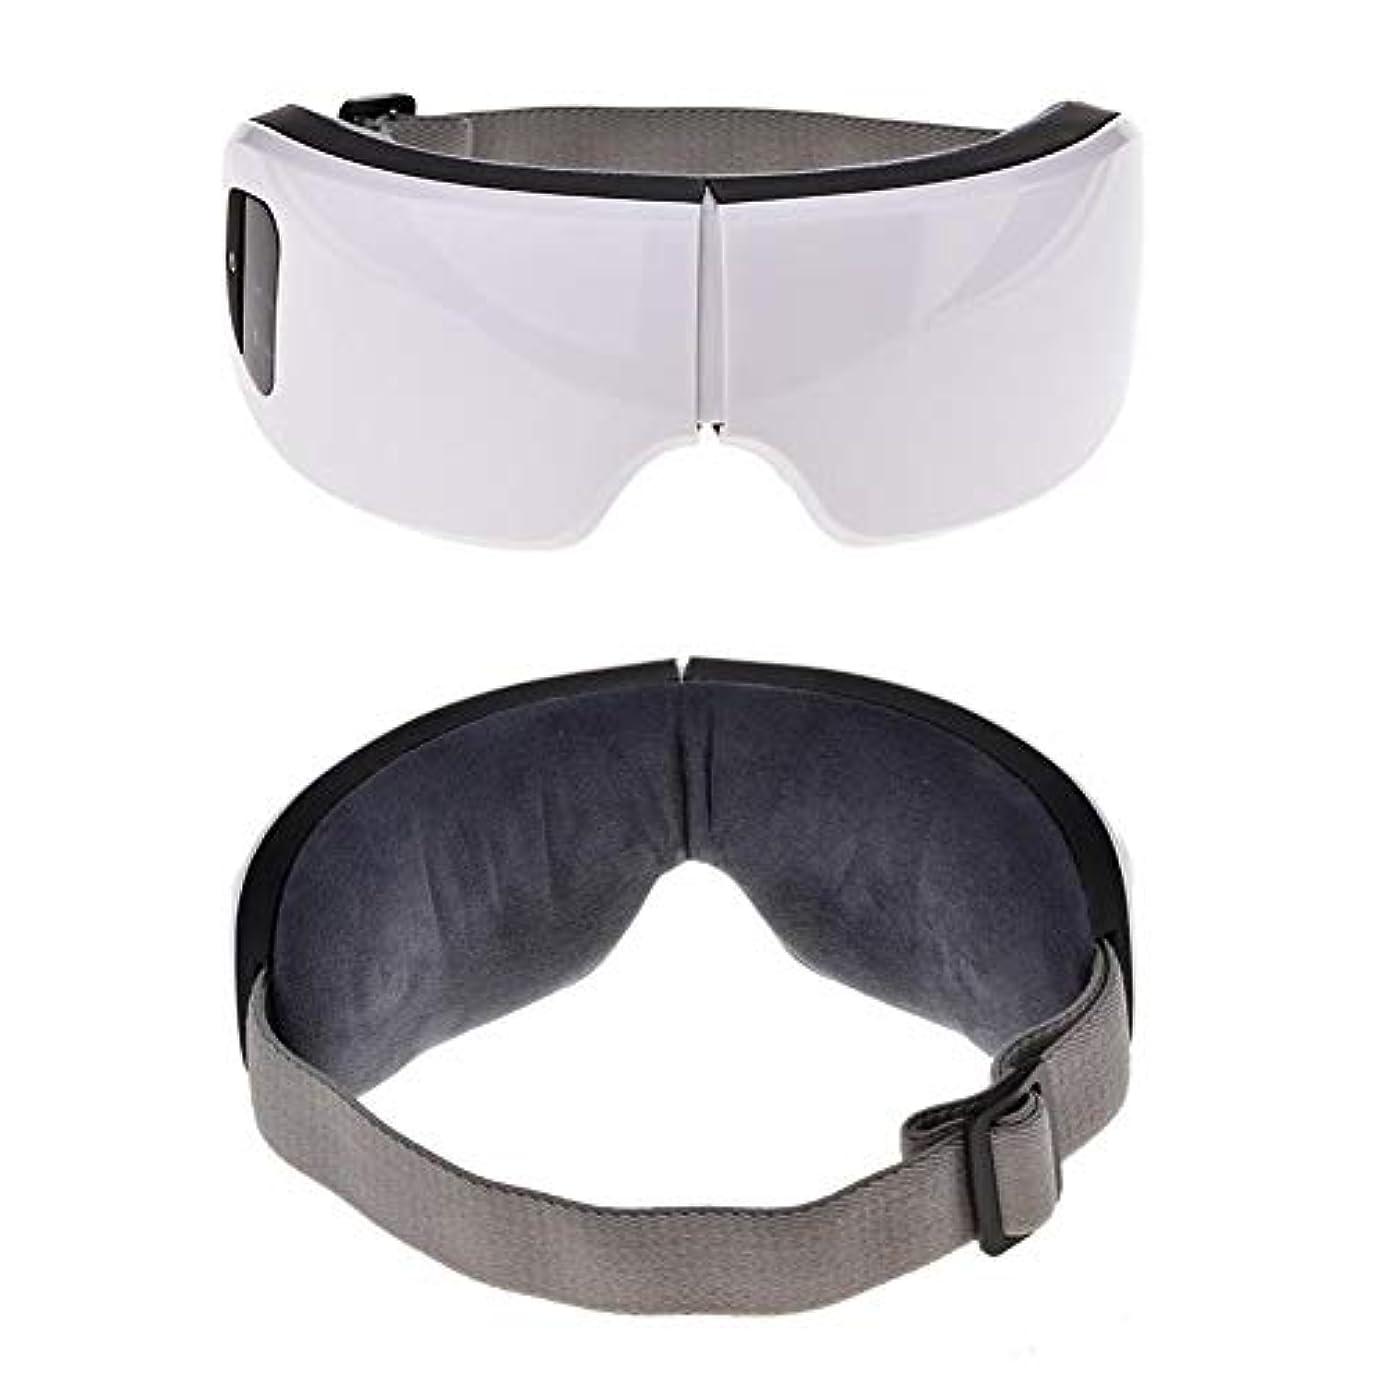 角度崇拝します超越する目のケアツール6 sワイヤレスUSB充電式Bluetooth折りたたみ式アイマッサージャー調整可能な空気圧アイプロテクターリリーフ睡眠旅行クリスマスギフト